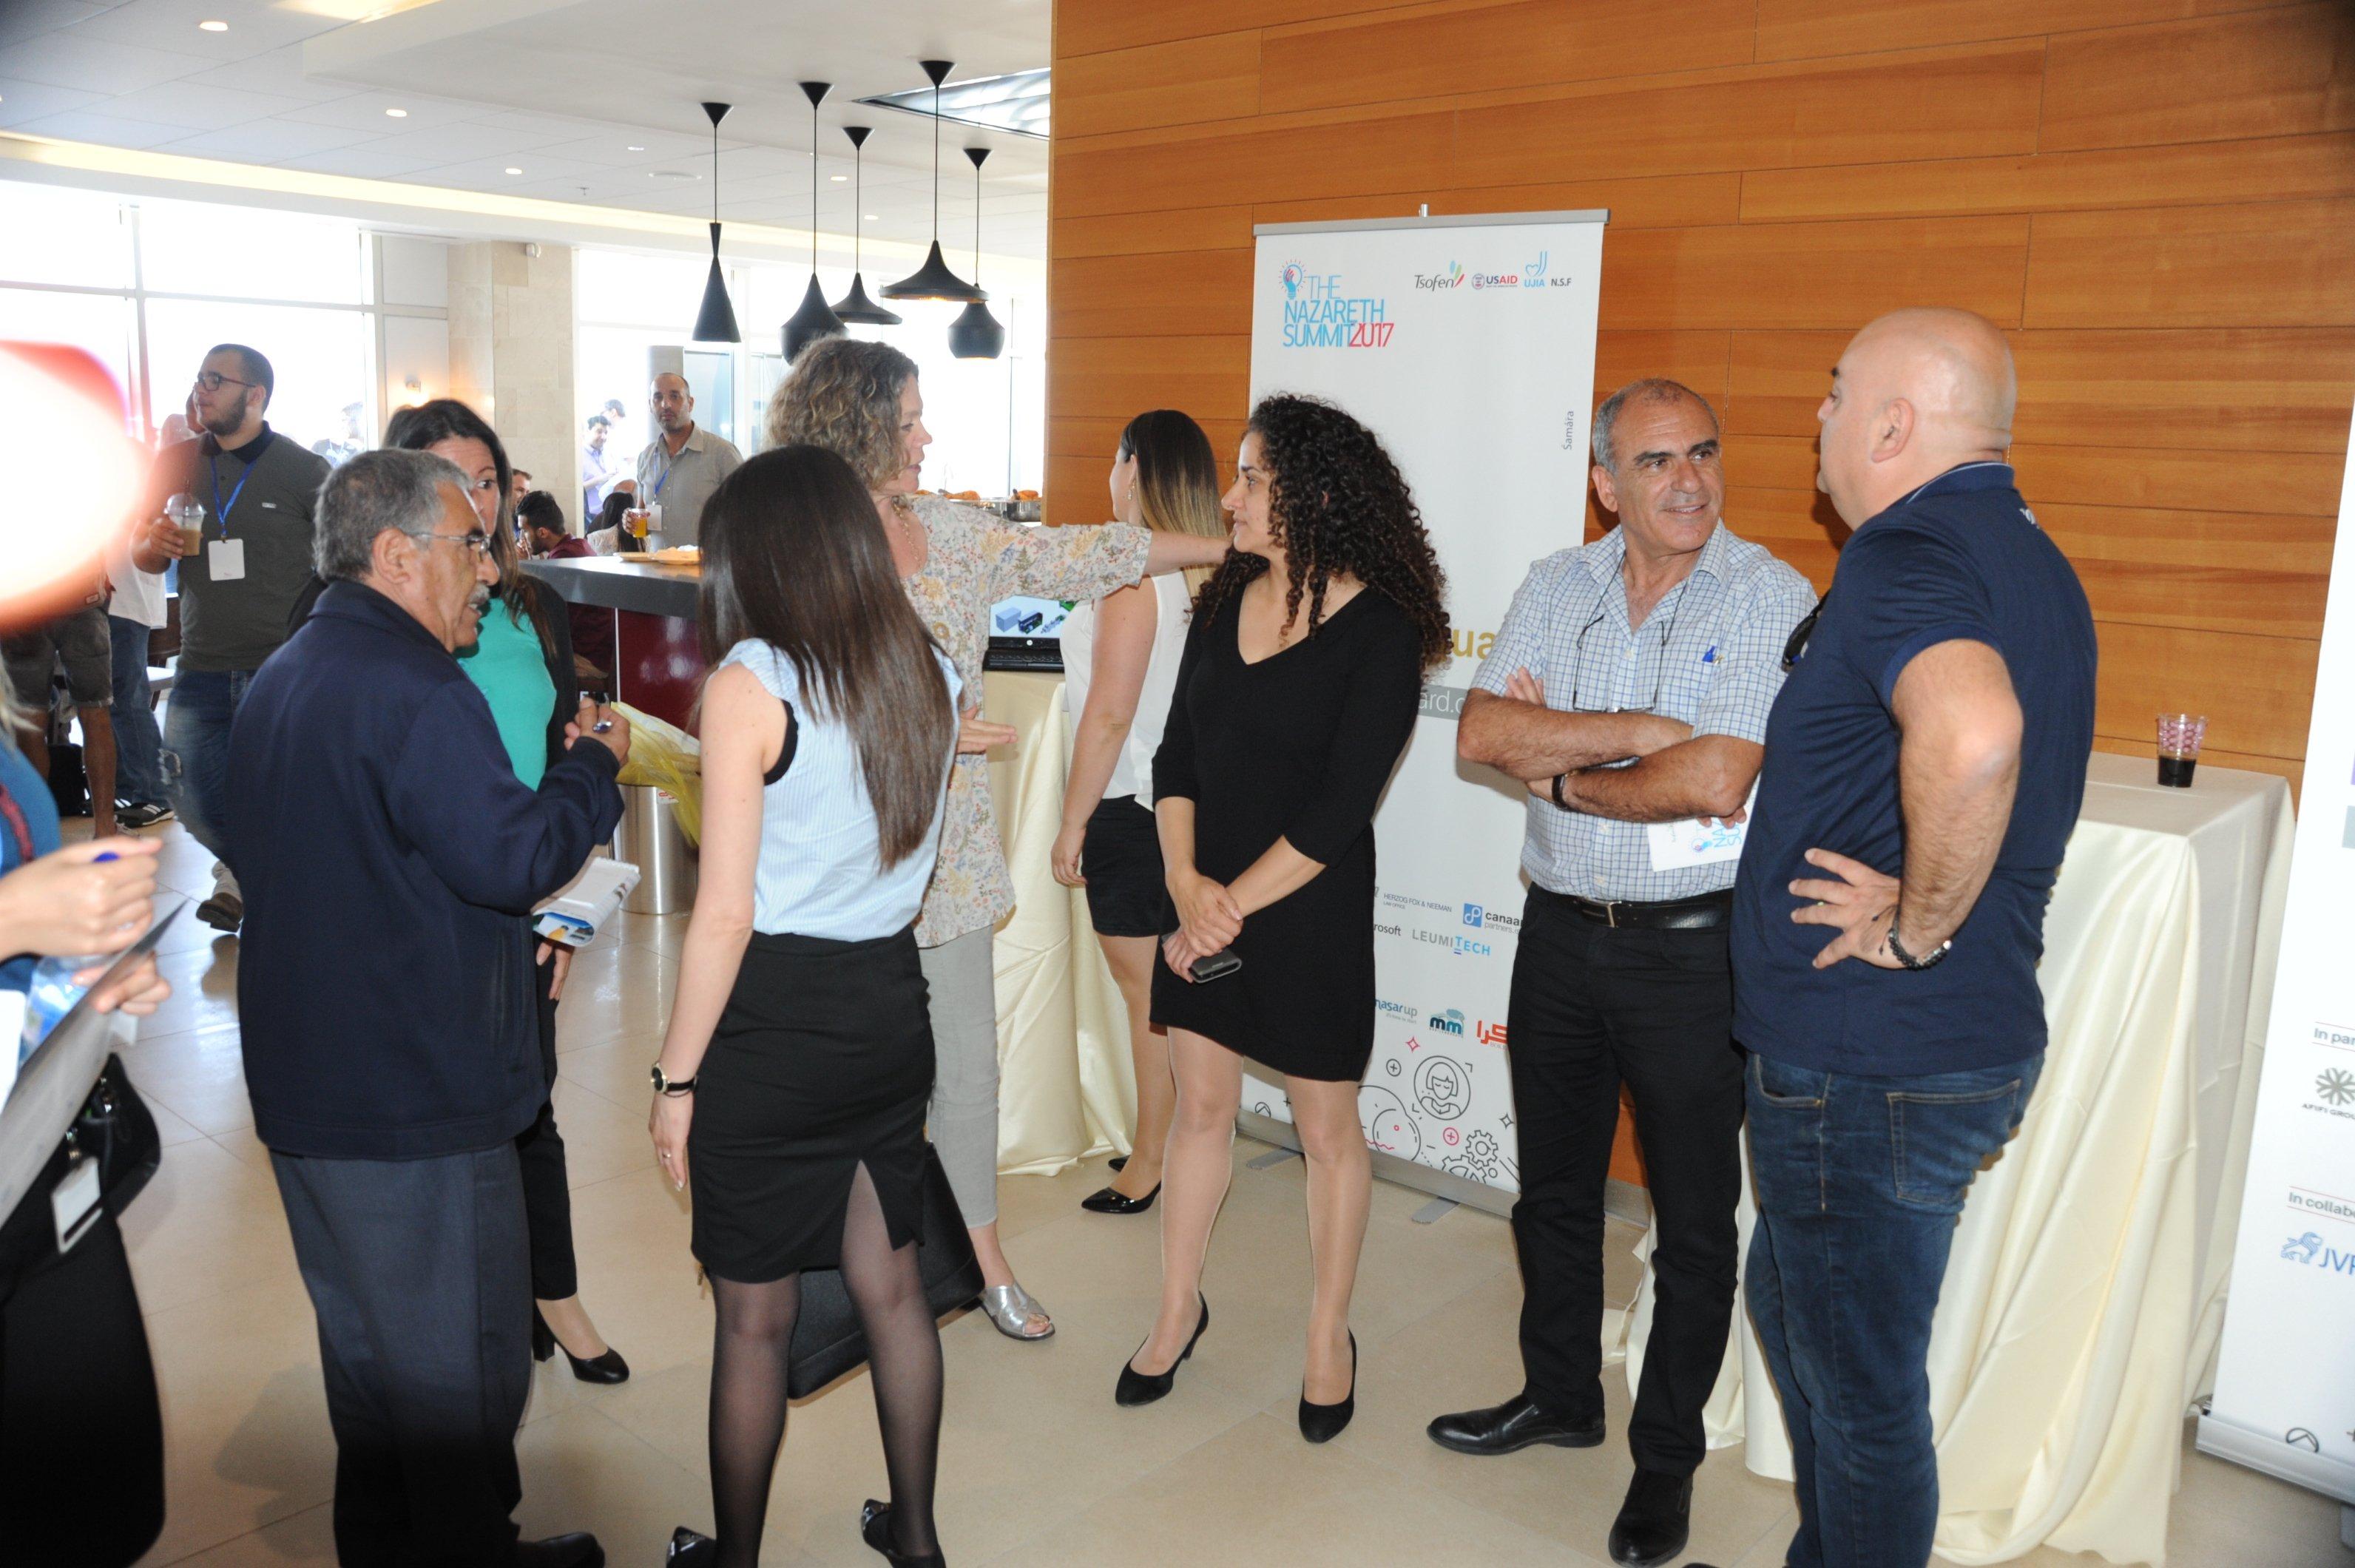 مُستثمرون بارزون يلتقون مع مُبادرين عرب في الناصرة بتنظيم مؤسسة تسوفن